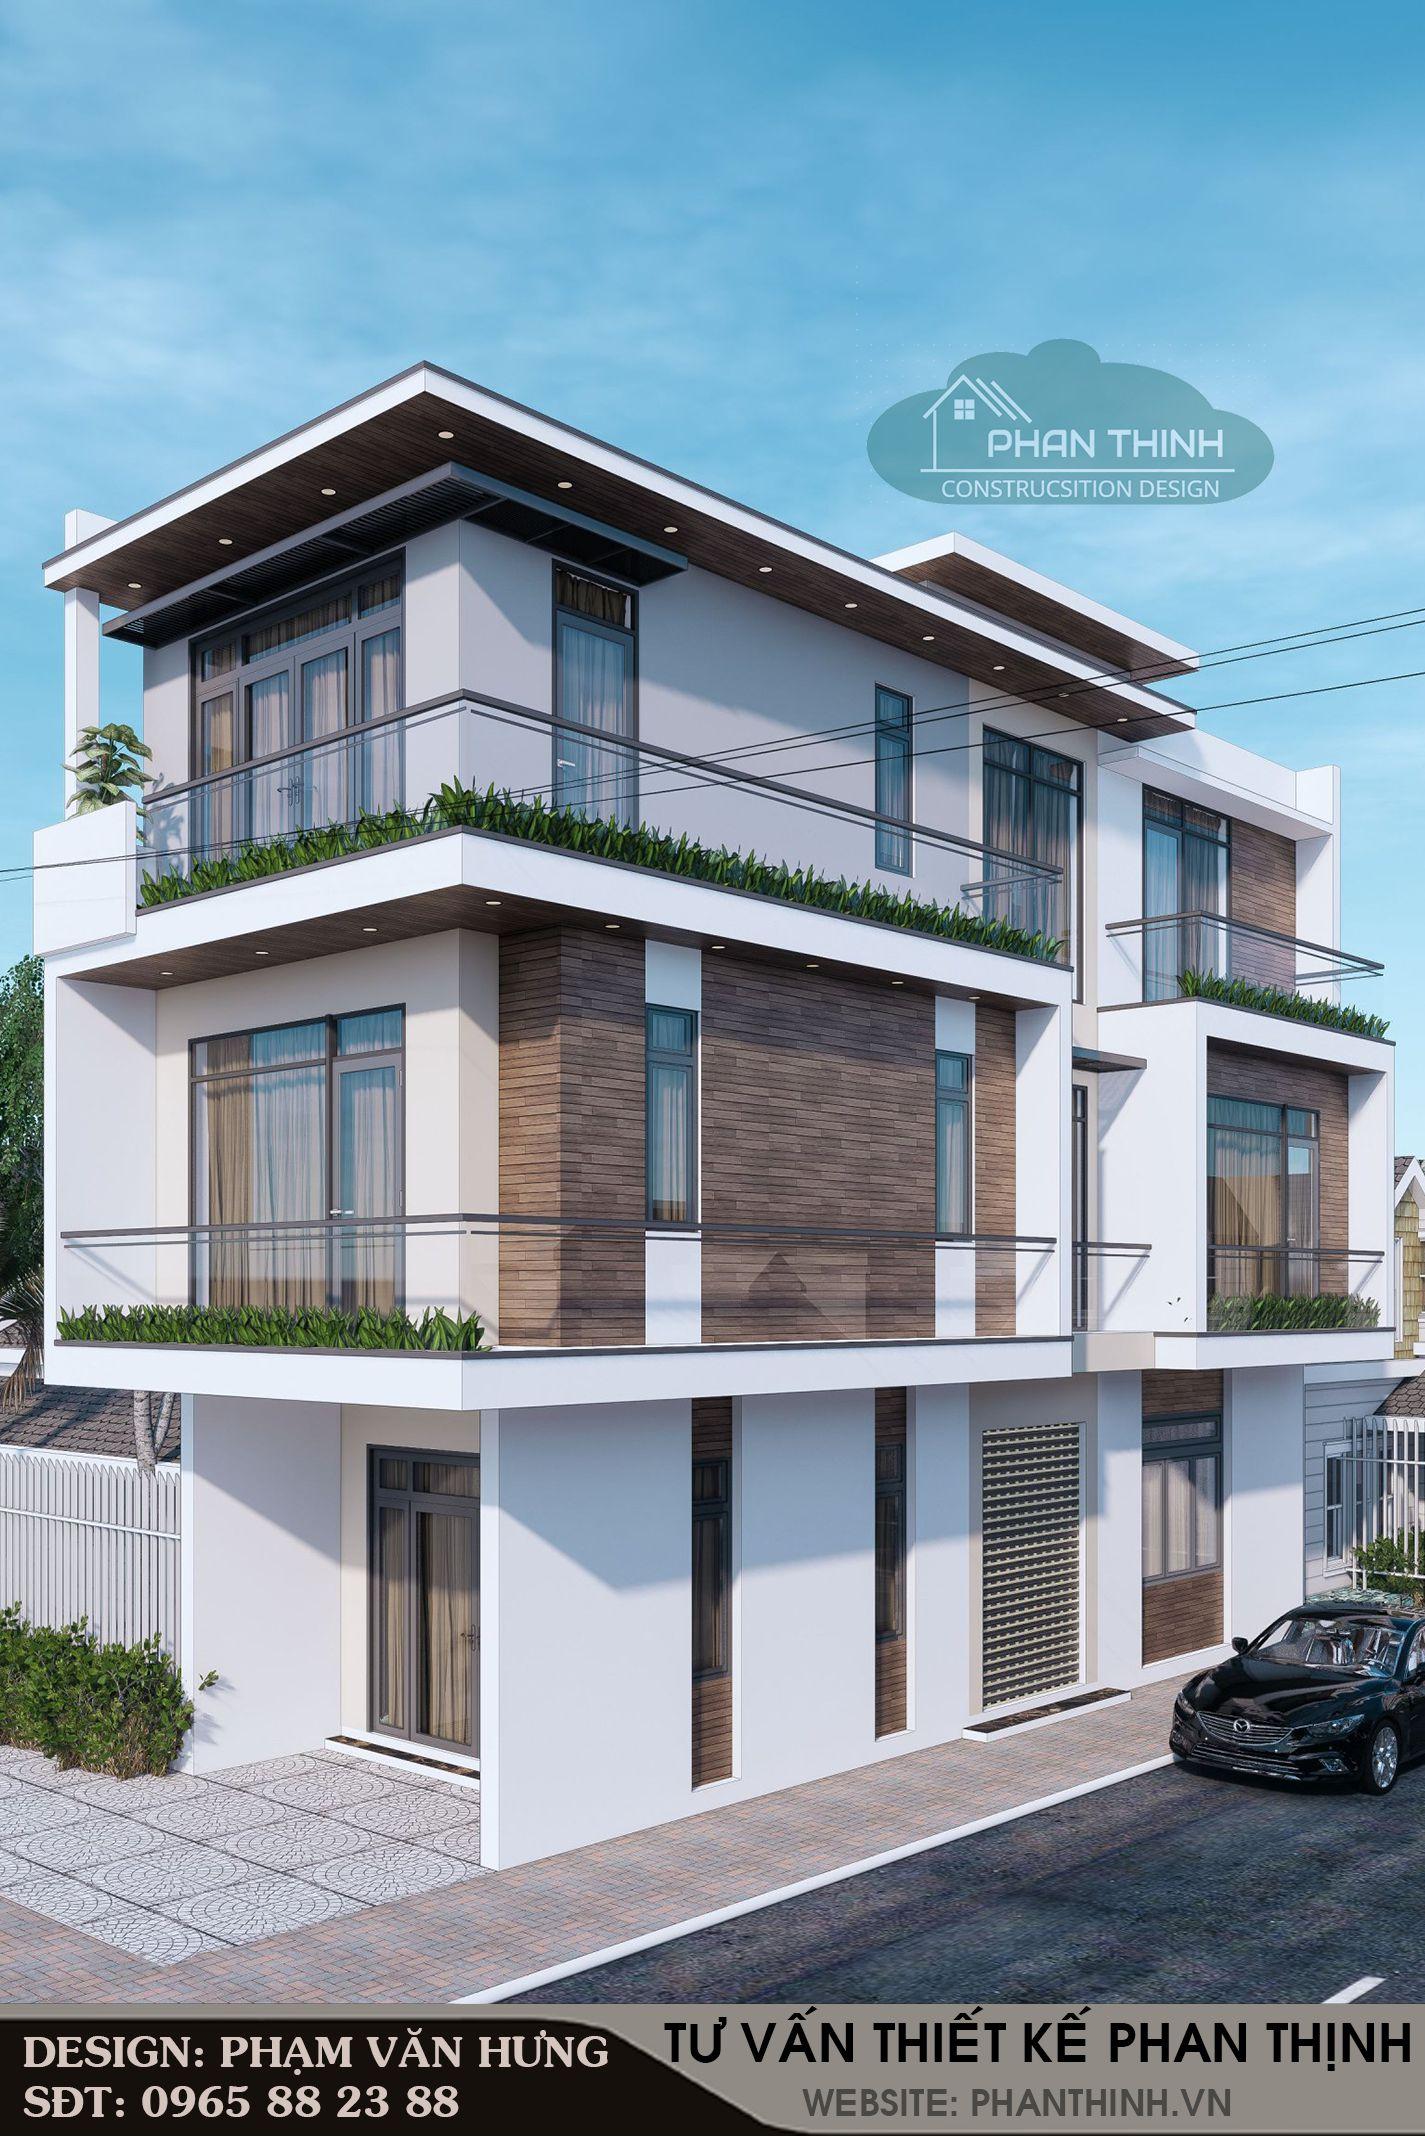 Nhà 4,5x14m hai mặt tiền đẹp ở Quảng Ninh, phong cách thiết kế kiến trúc hiện đại